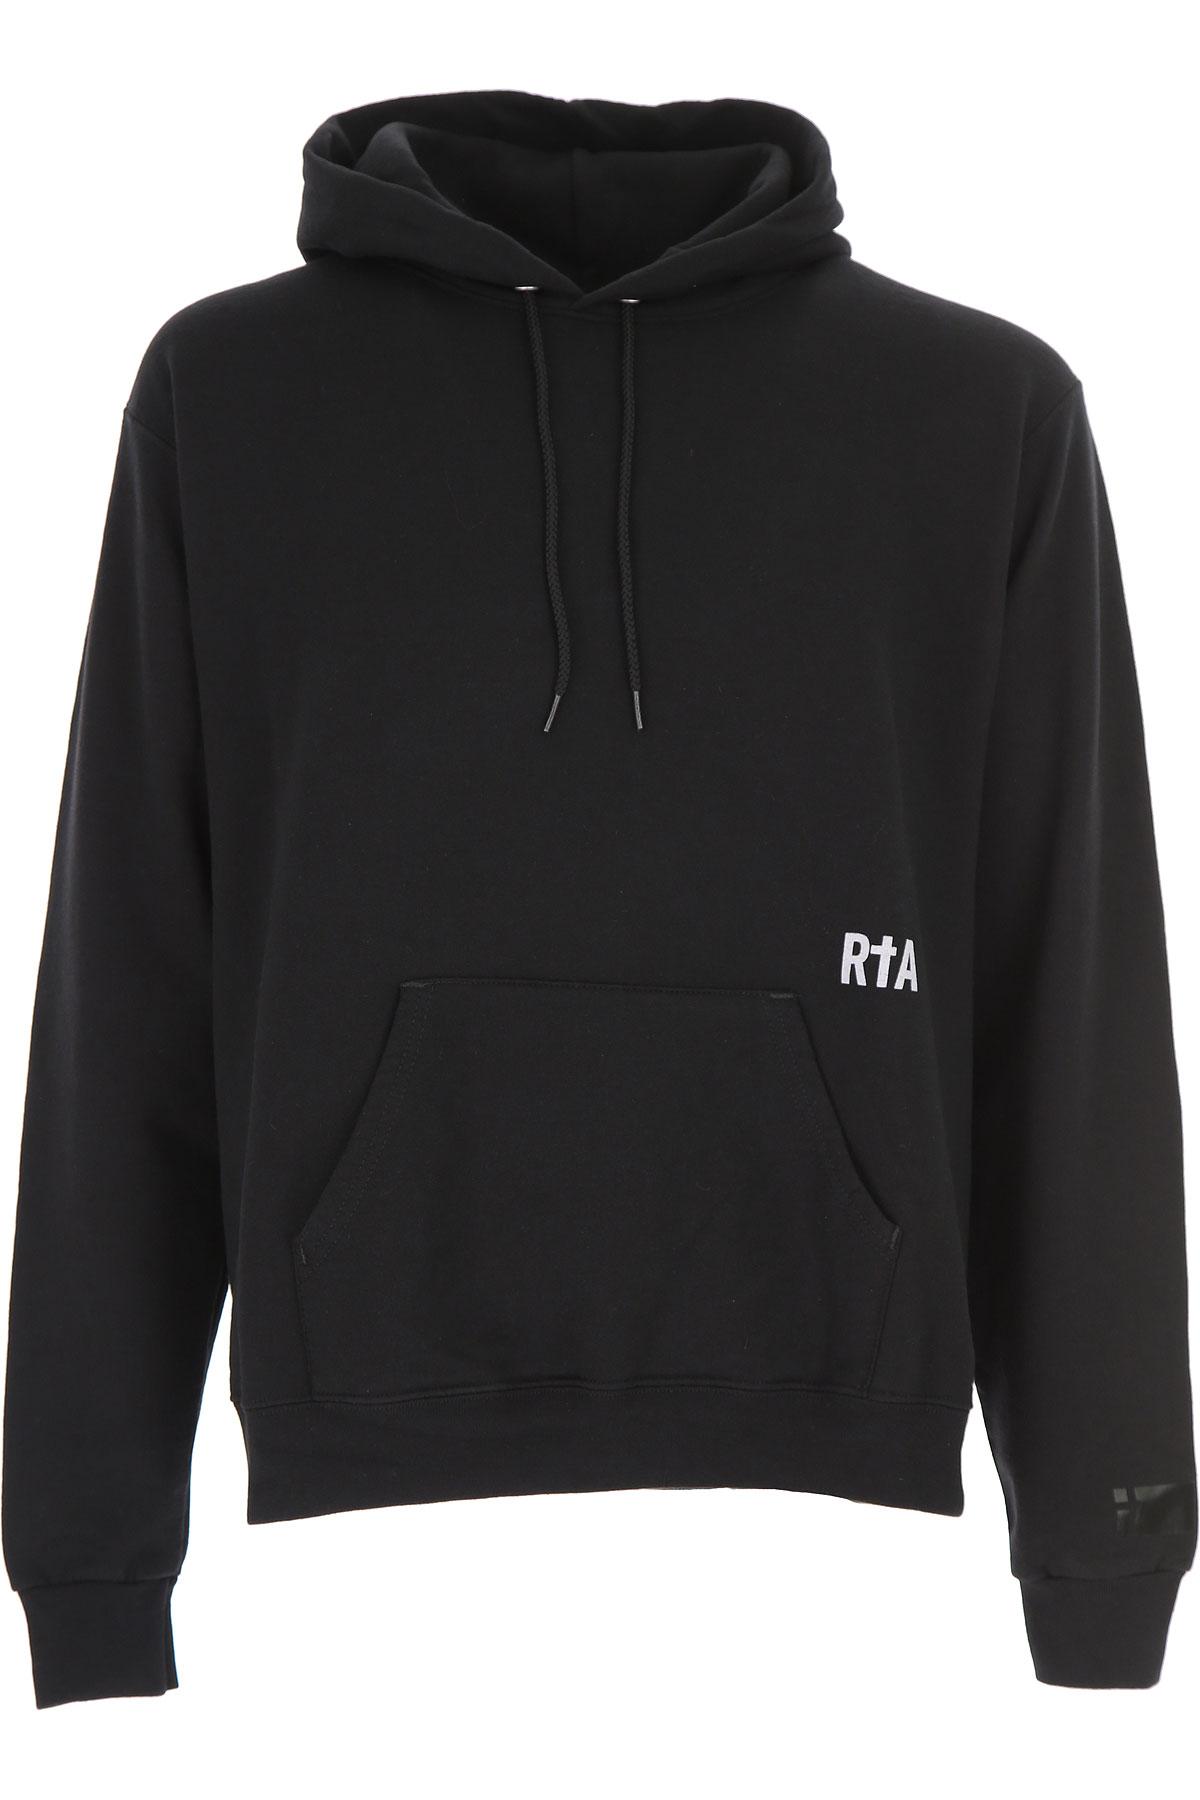 Image of RtA Sweatshirt for Men, Black, Cotton, 2017, L M S XL